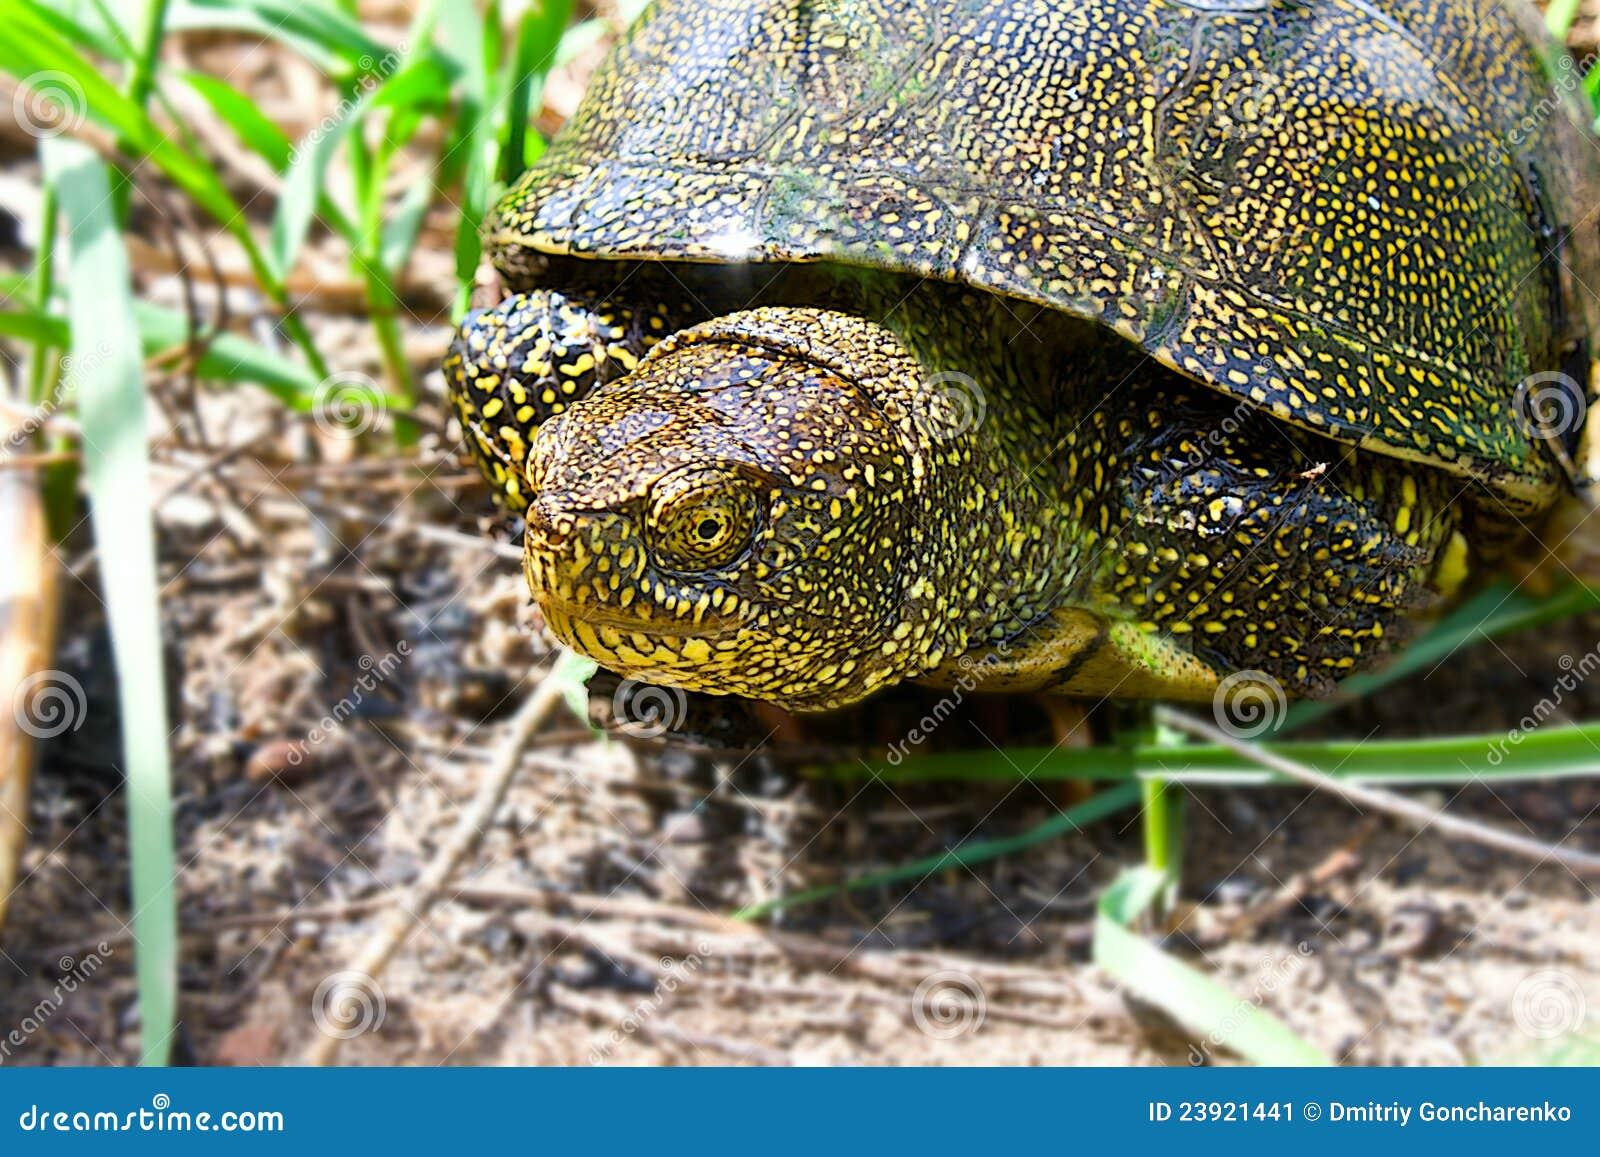 De schildpad van de rivier